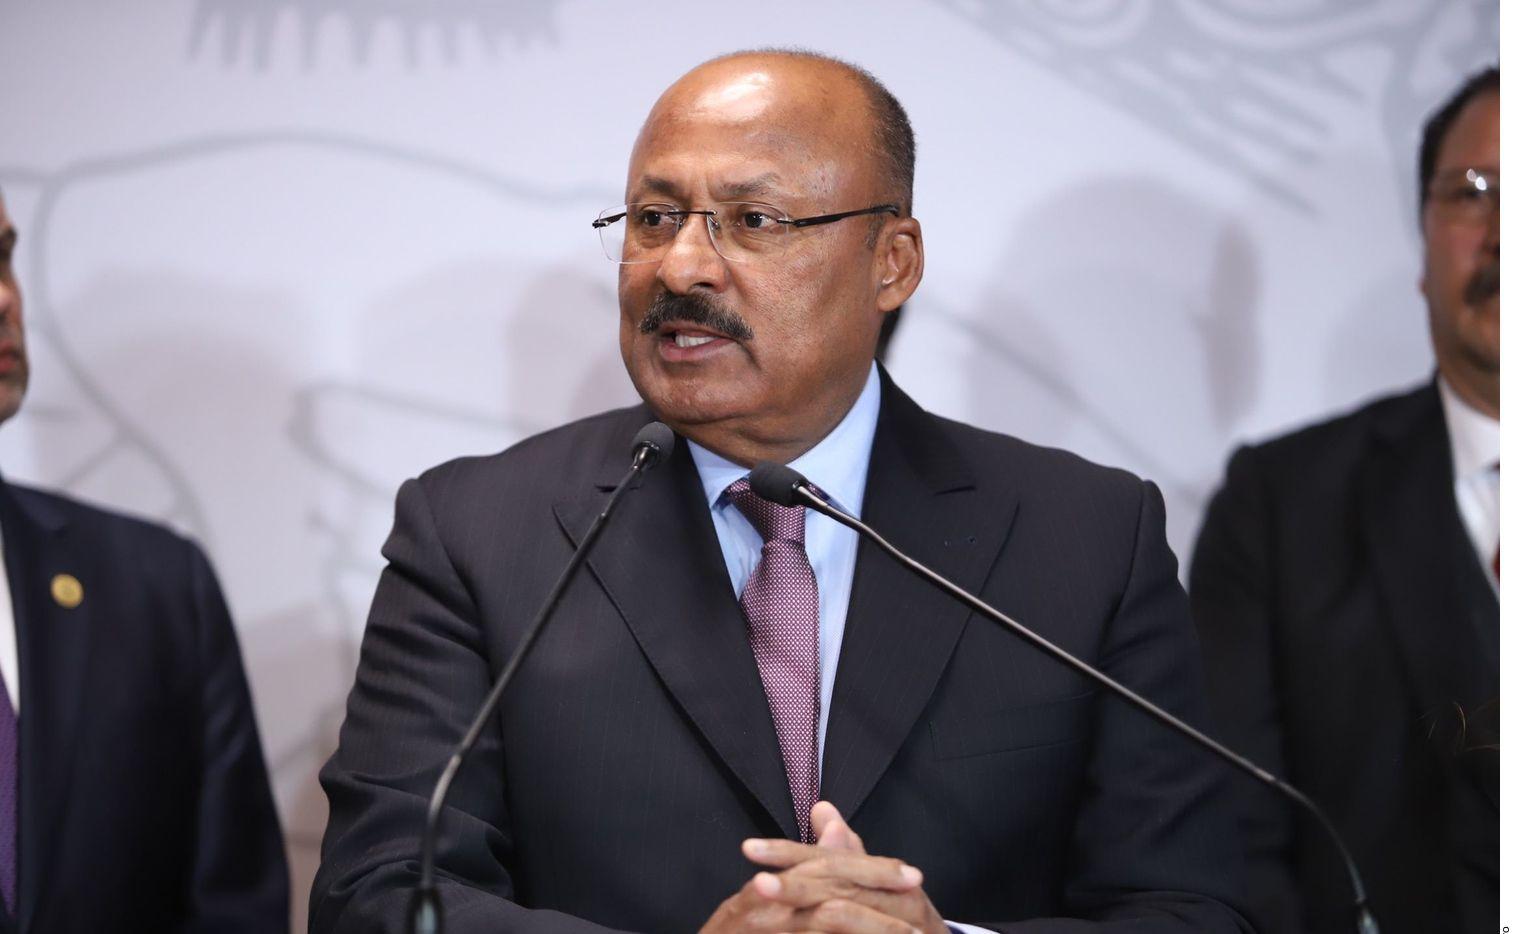 René Juárez Cisneros, coordinador de los diputados del PRI y ex gobernador de Guerrero, murió este lunes, confirmó Héctor Astudillo.